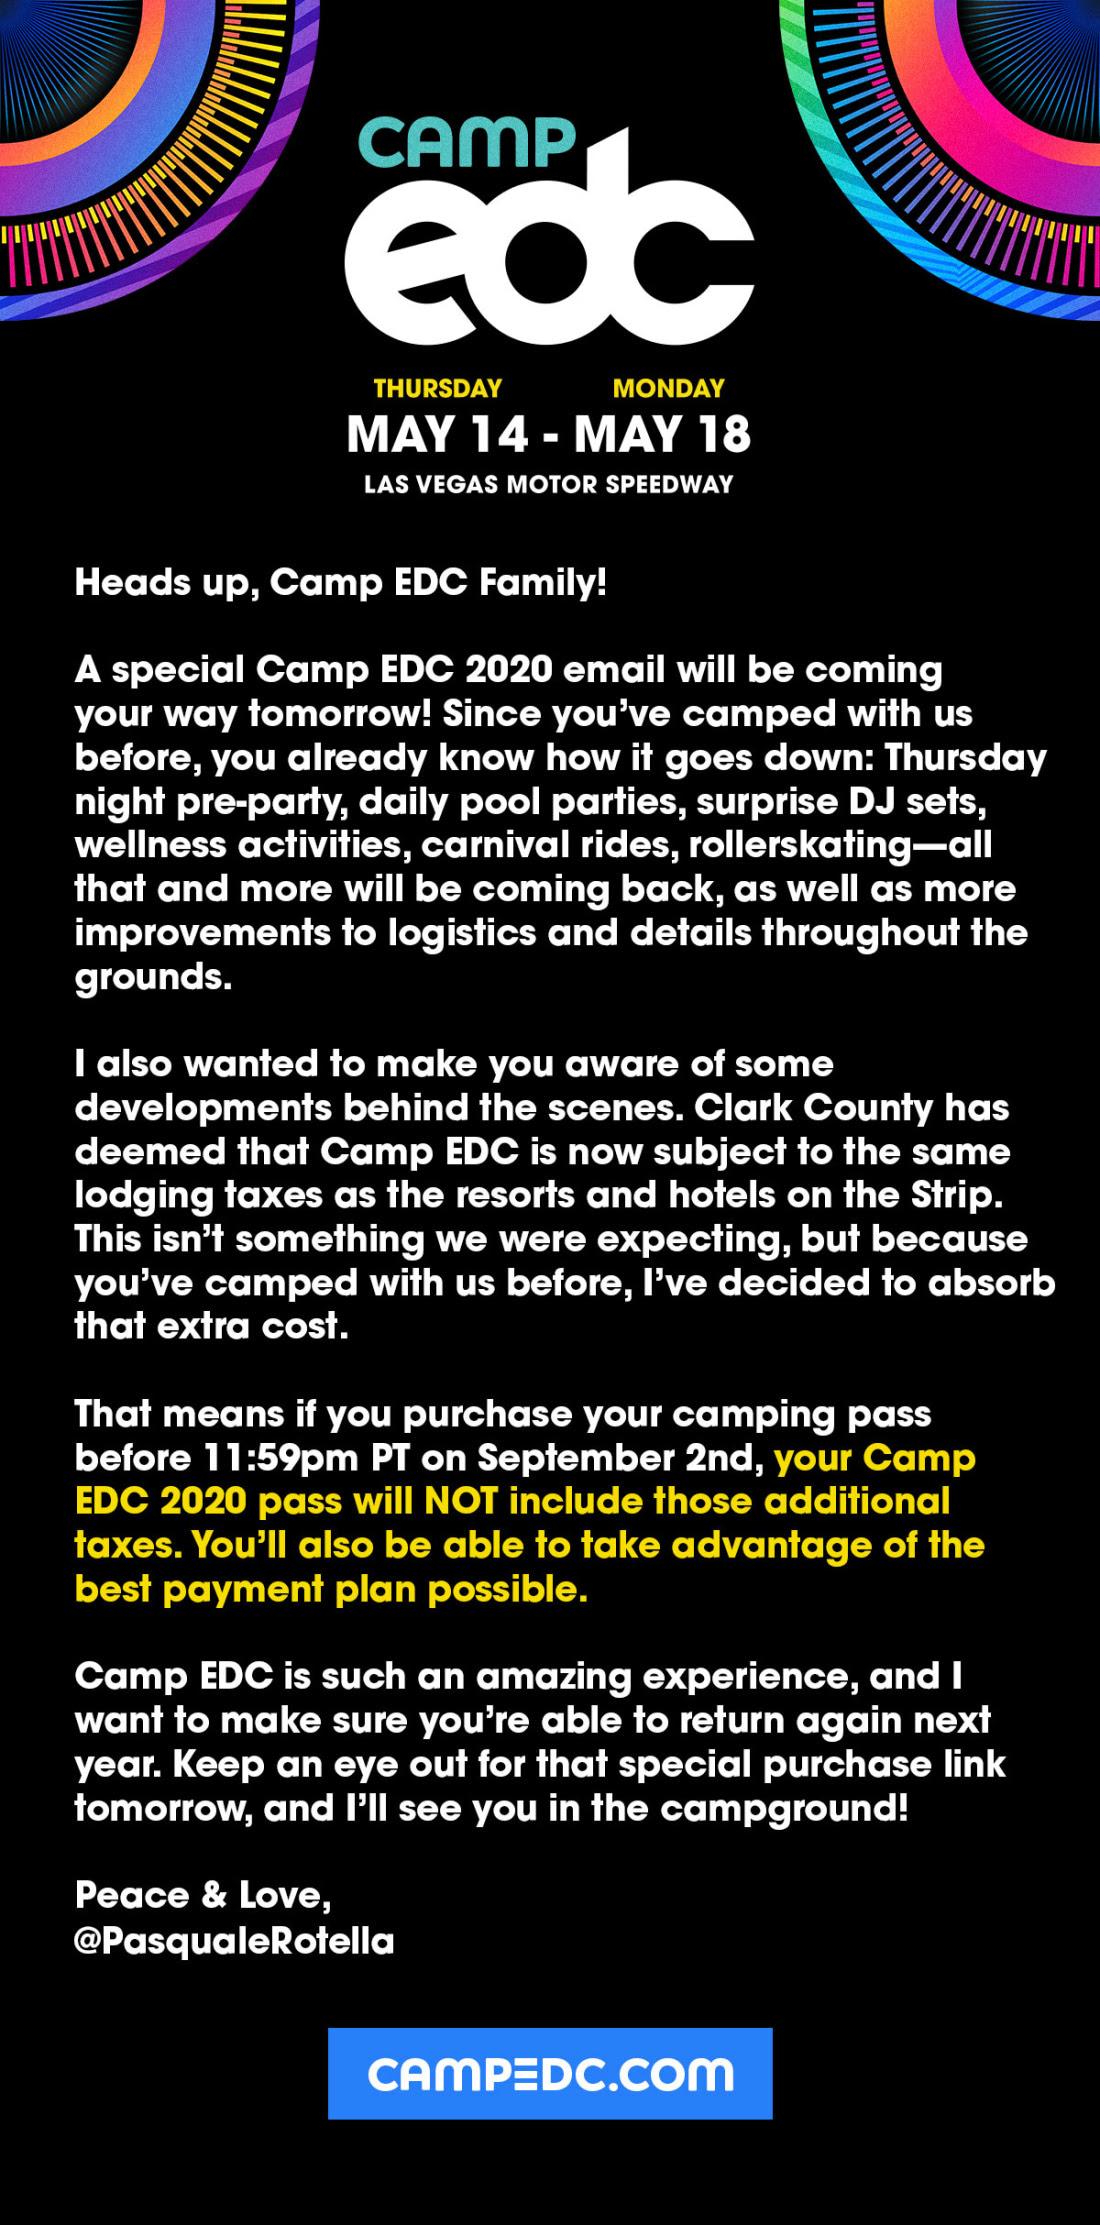 Camp EDC Taxes